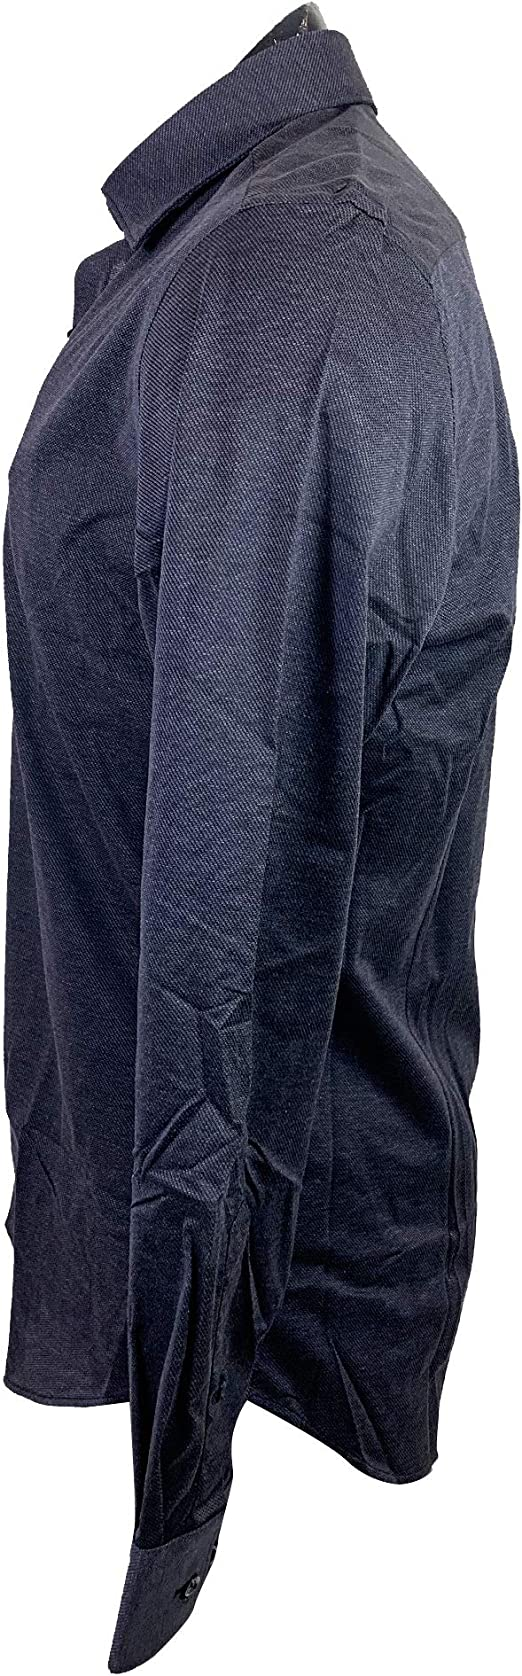 MASSIMO DUTTI Men 0165/365/400 - Camisa de algodón Ajustada Azul L: Amazon.es: Ropa y accesorios